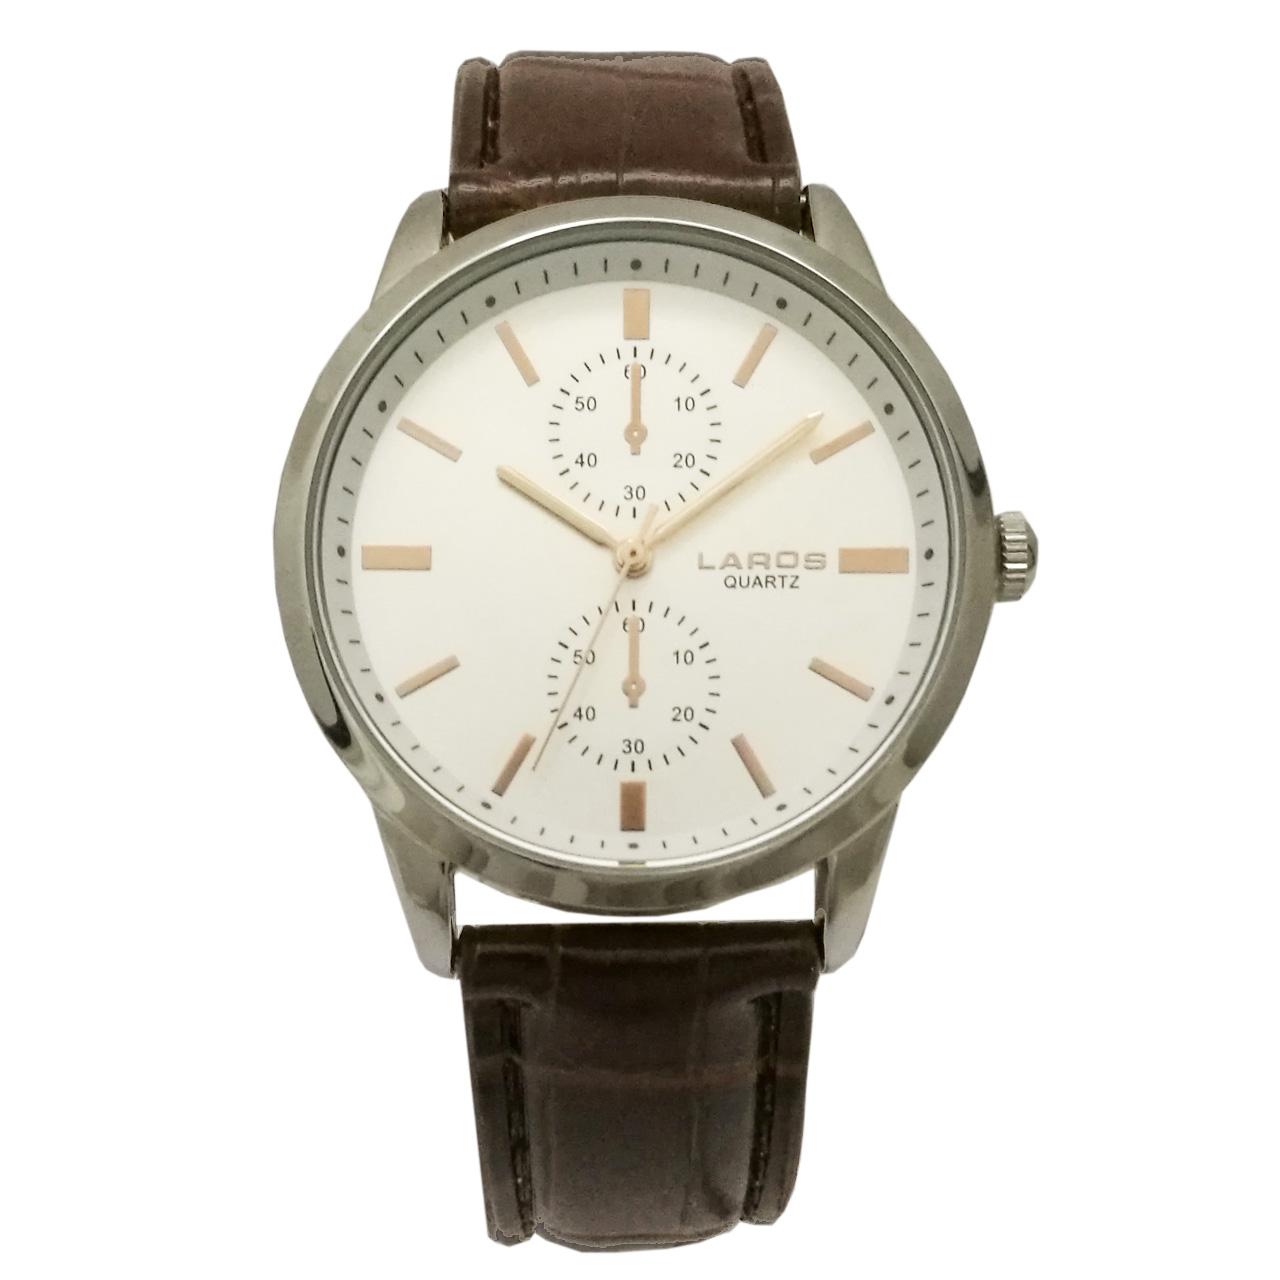 ساعت عقربه ای مردانه لاروس مدل 1117-80133-s